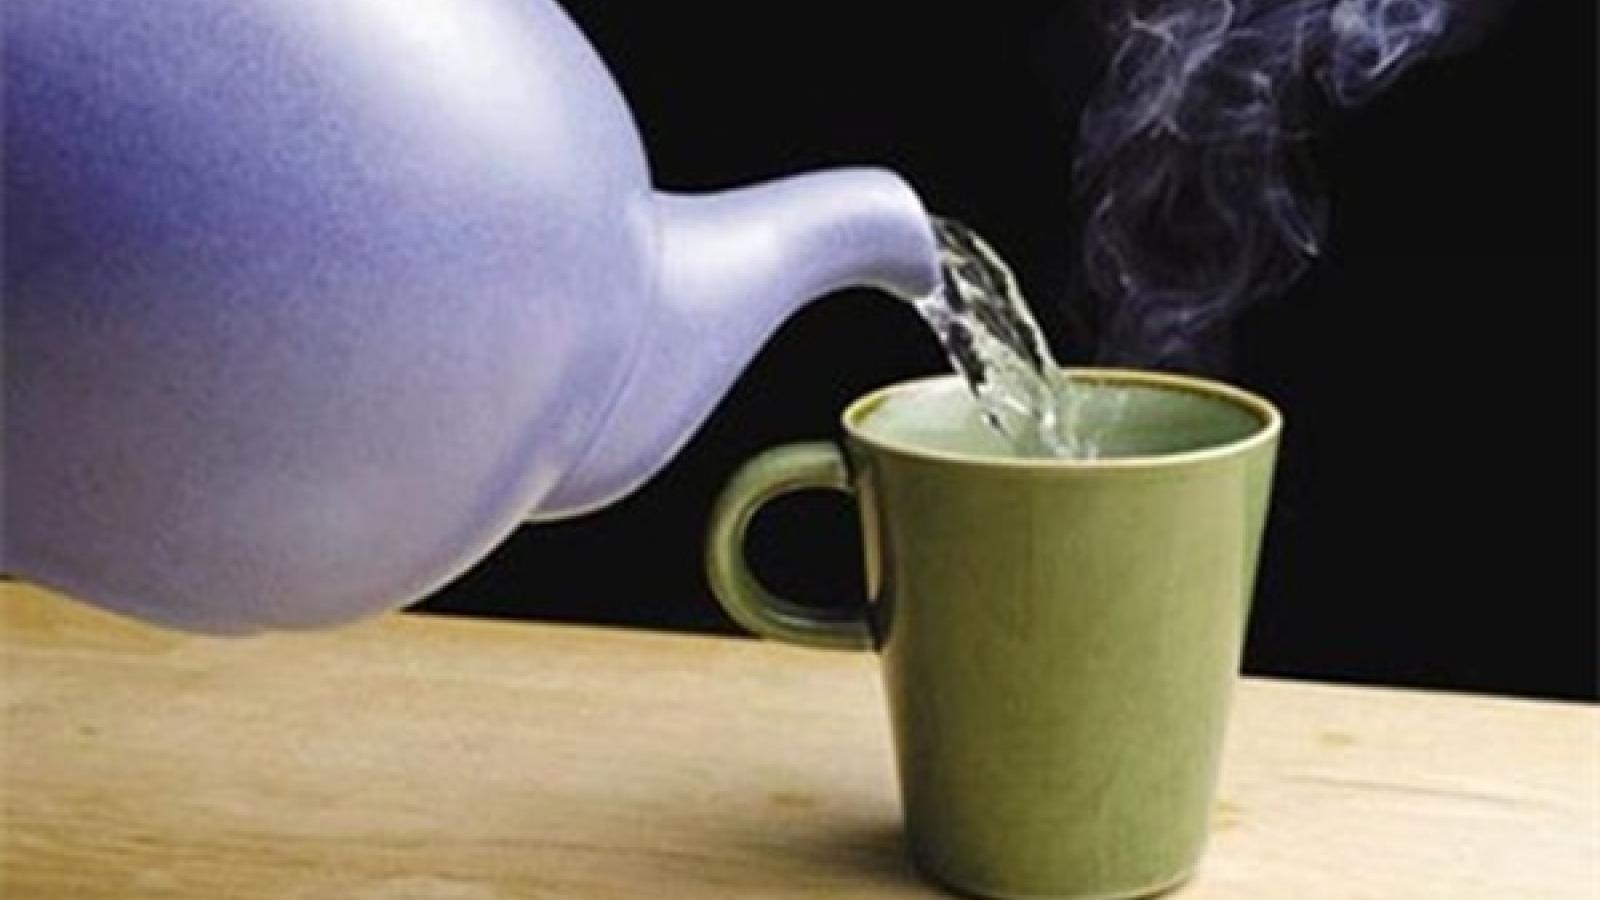 Thói quen uống nước tưởng vô hại nhưng lại làm tăng nguy cơ ung thư